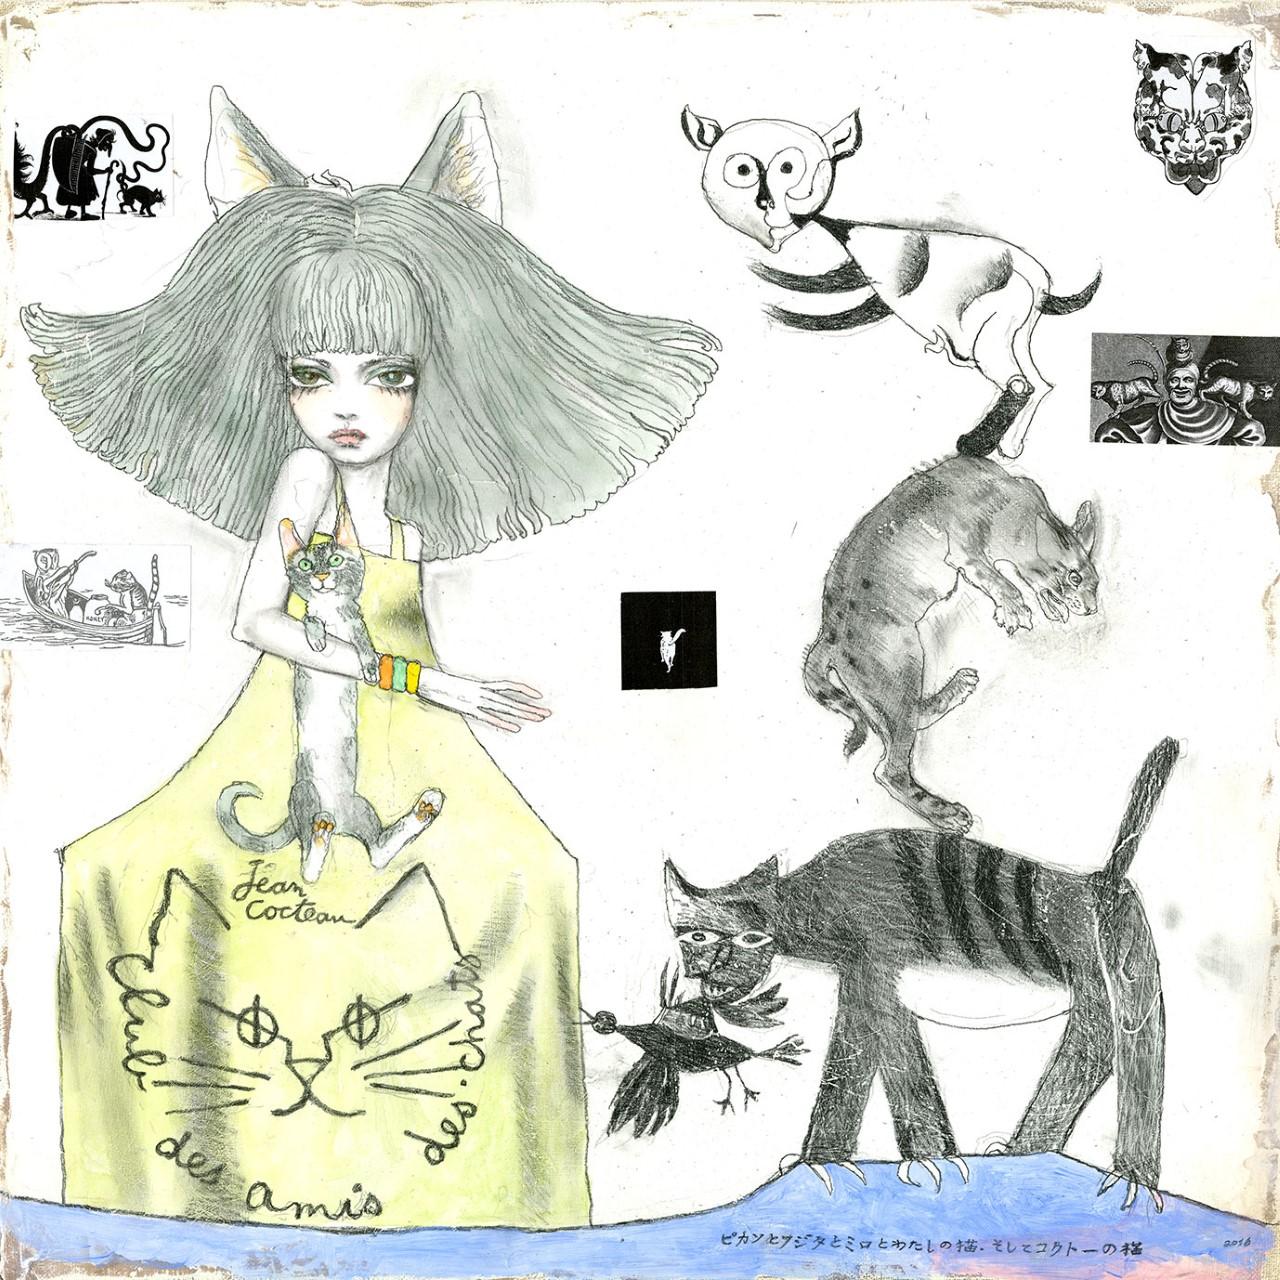 アンニュイで耽美な世界 宇野亞喜良 展「綺想曲」【今週のおすすめアート】